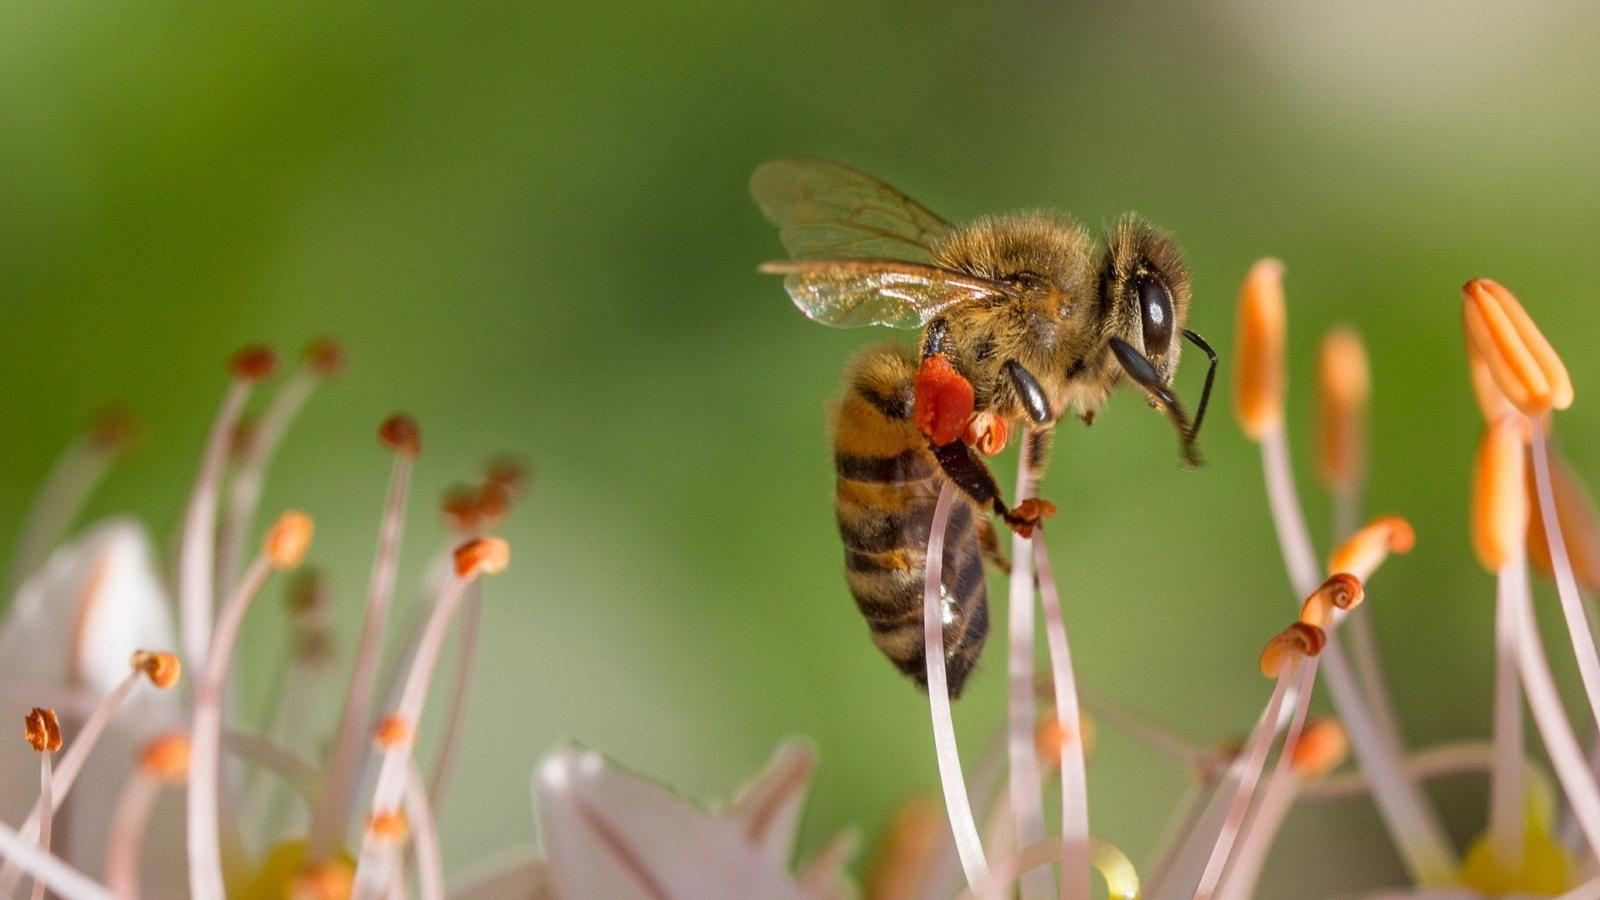 La unión de dos gremios para salvar las abejas y mejorar los cultivos